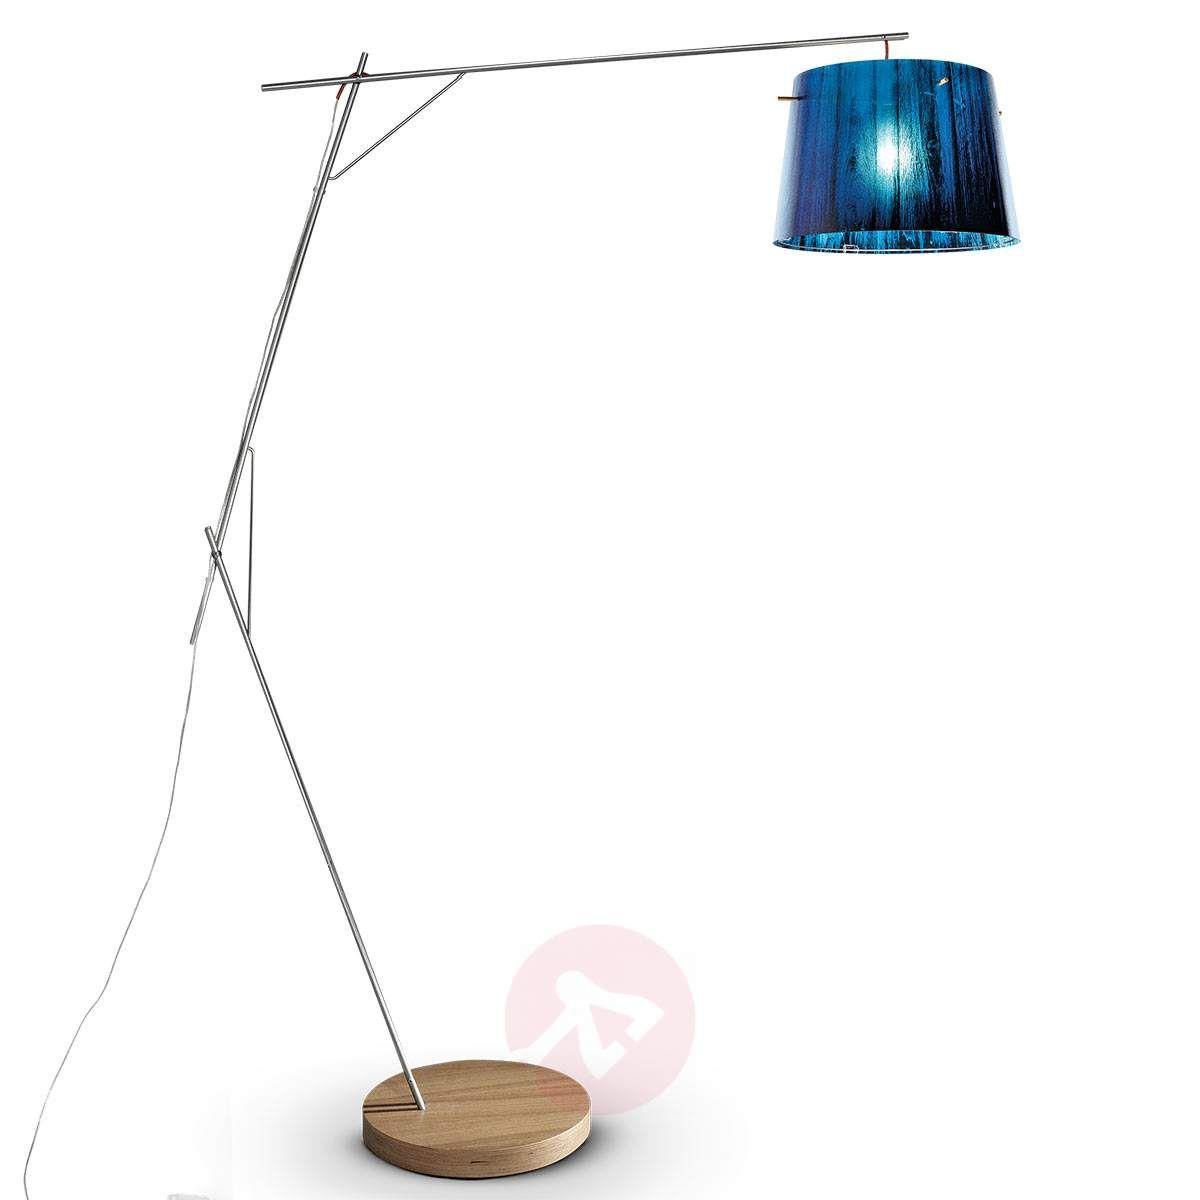 Kunsztowna Lampa Stojąca Woody Niebieska In 2019 Lampy